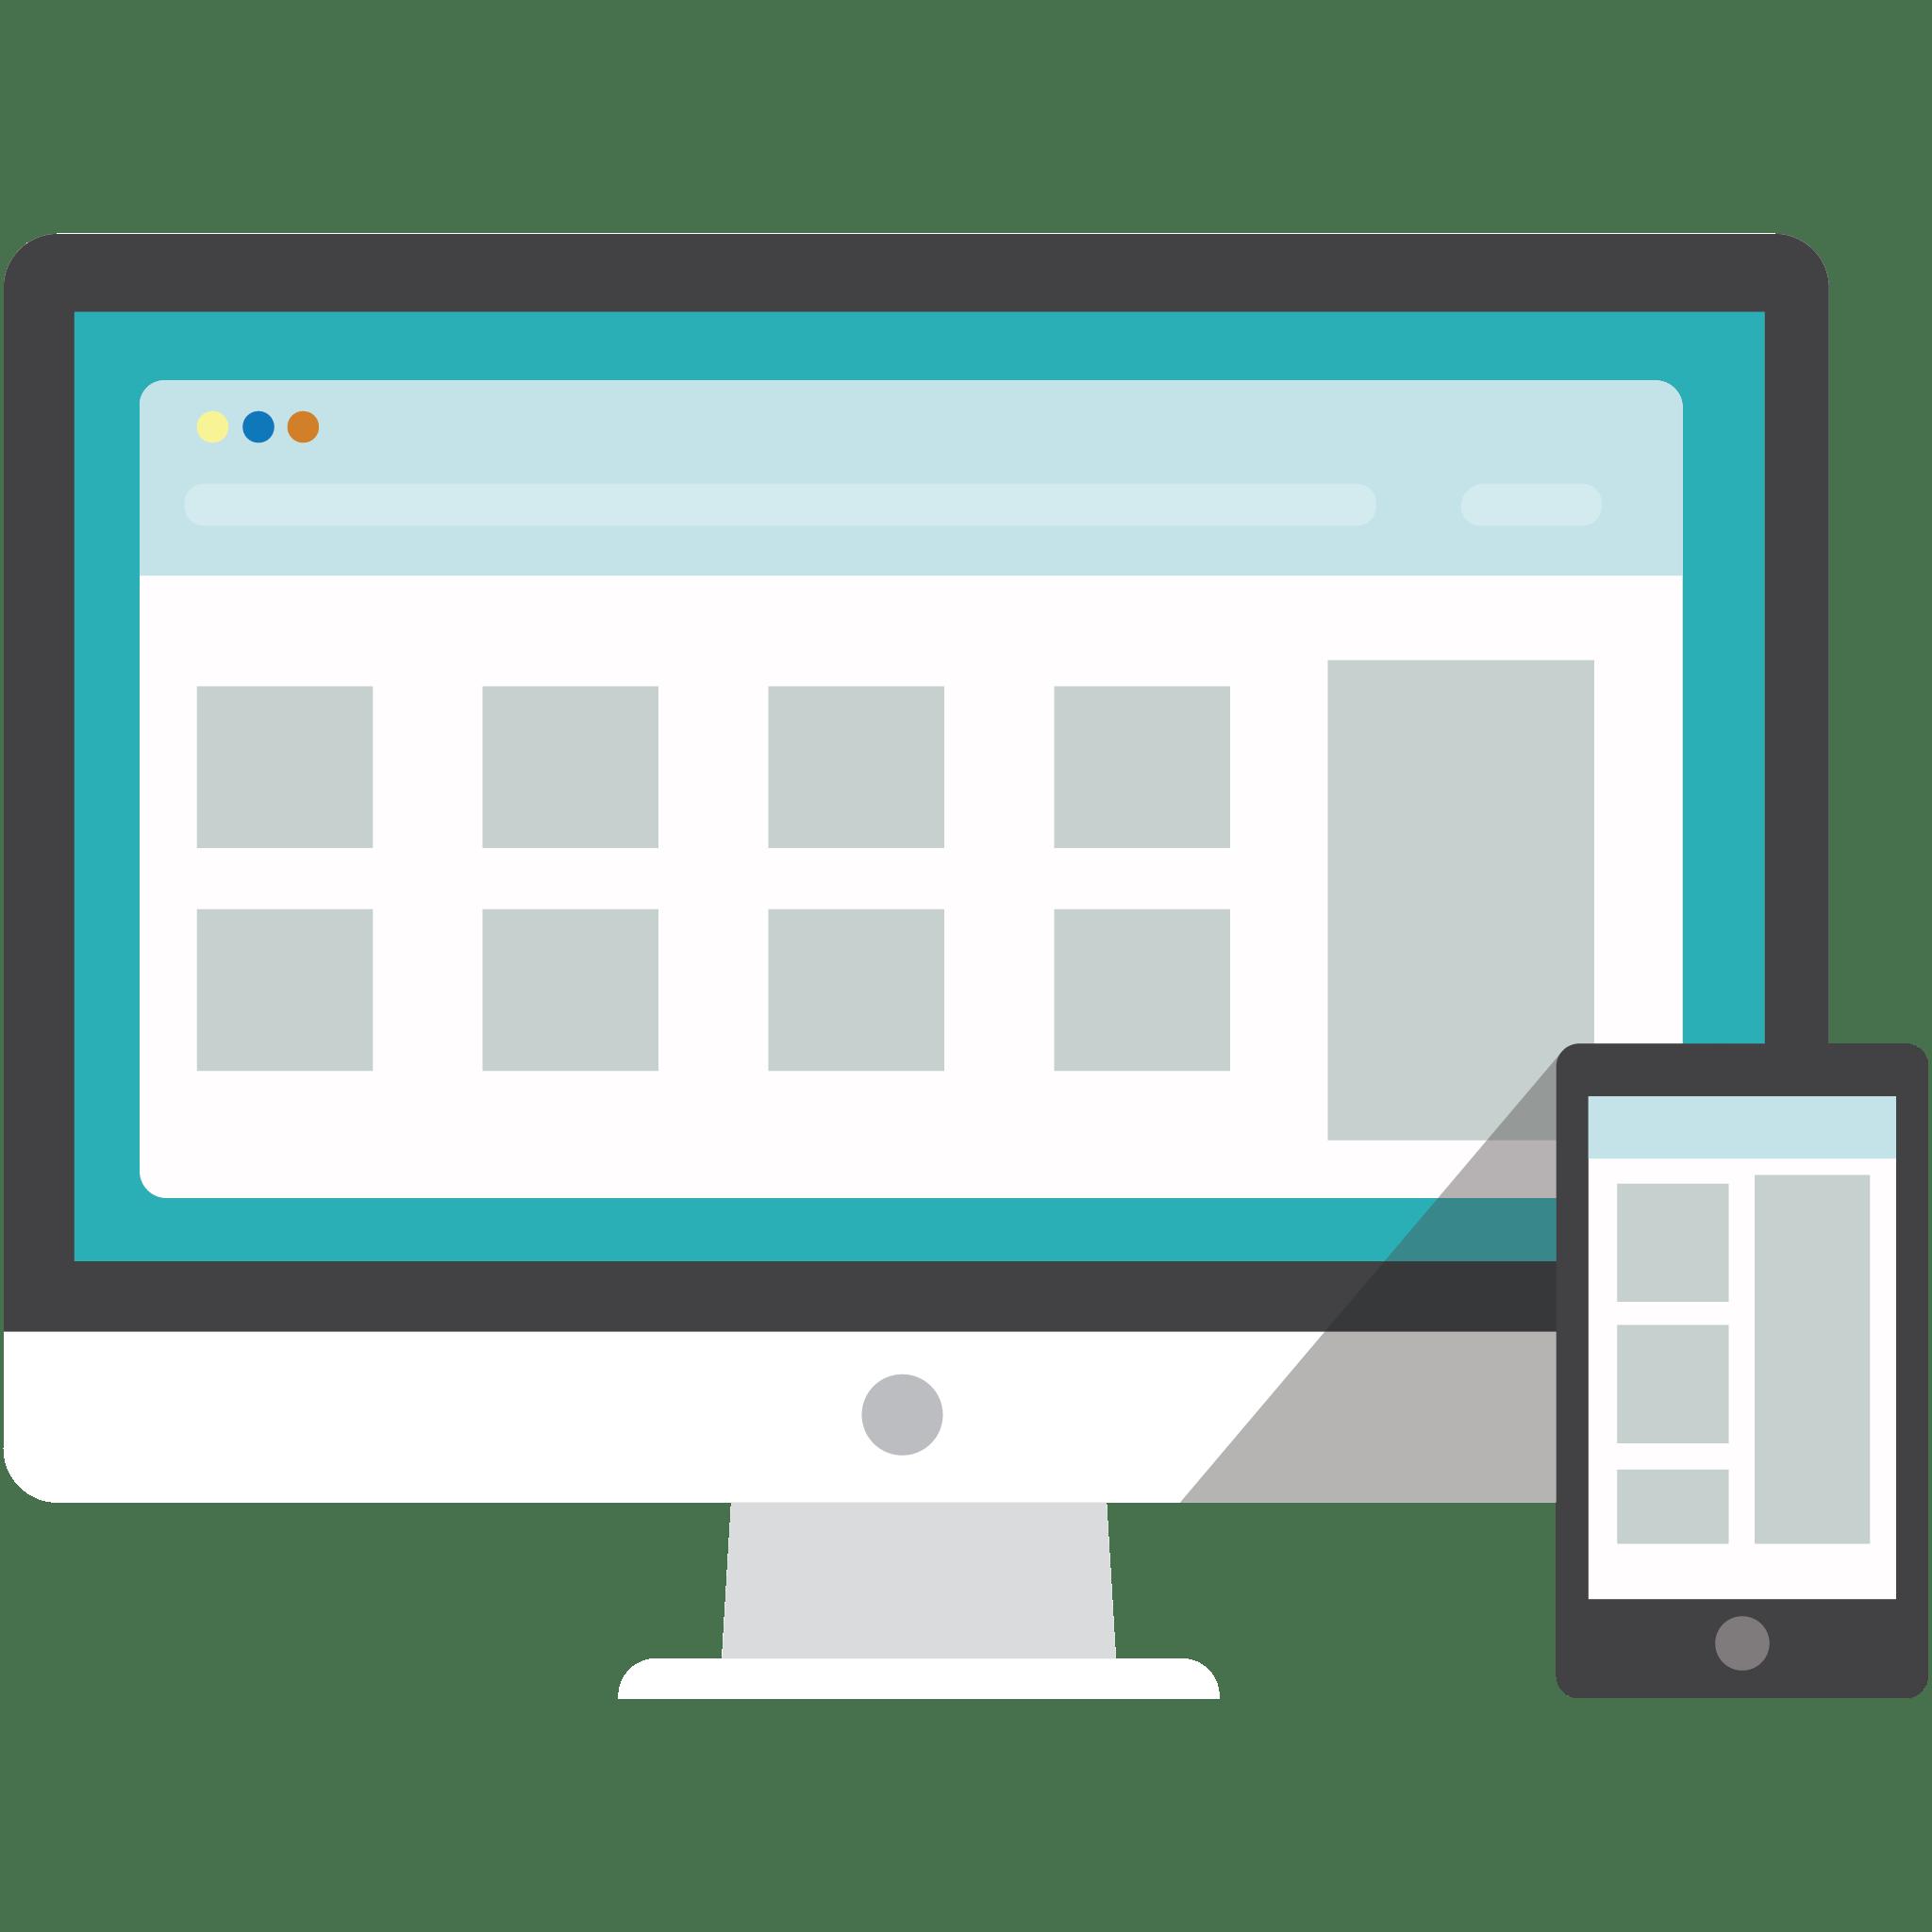 Análise de Usabilidade de Website